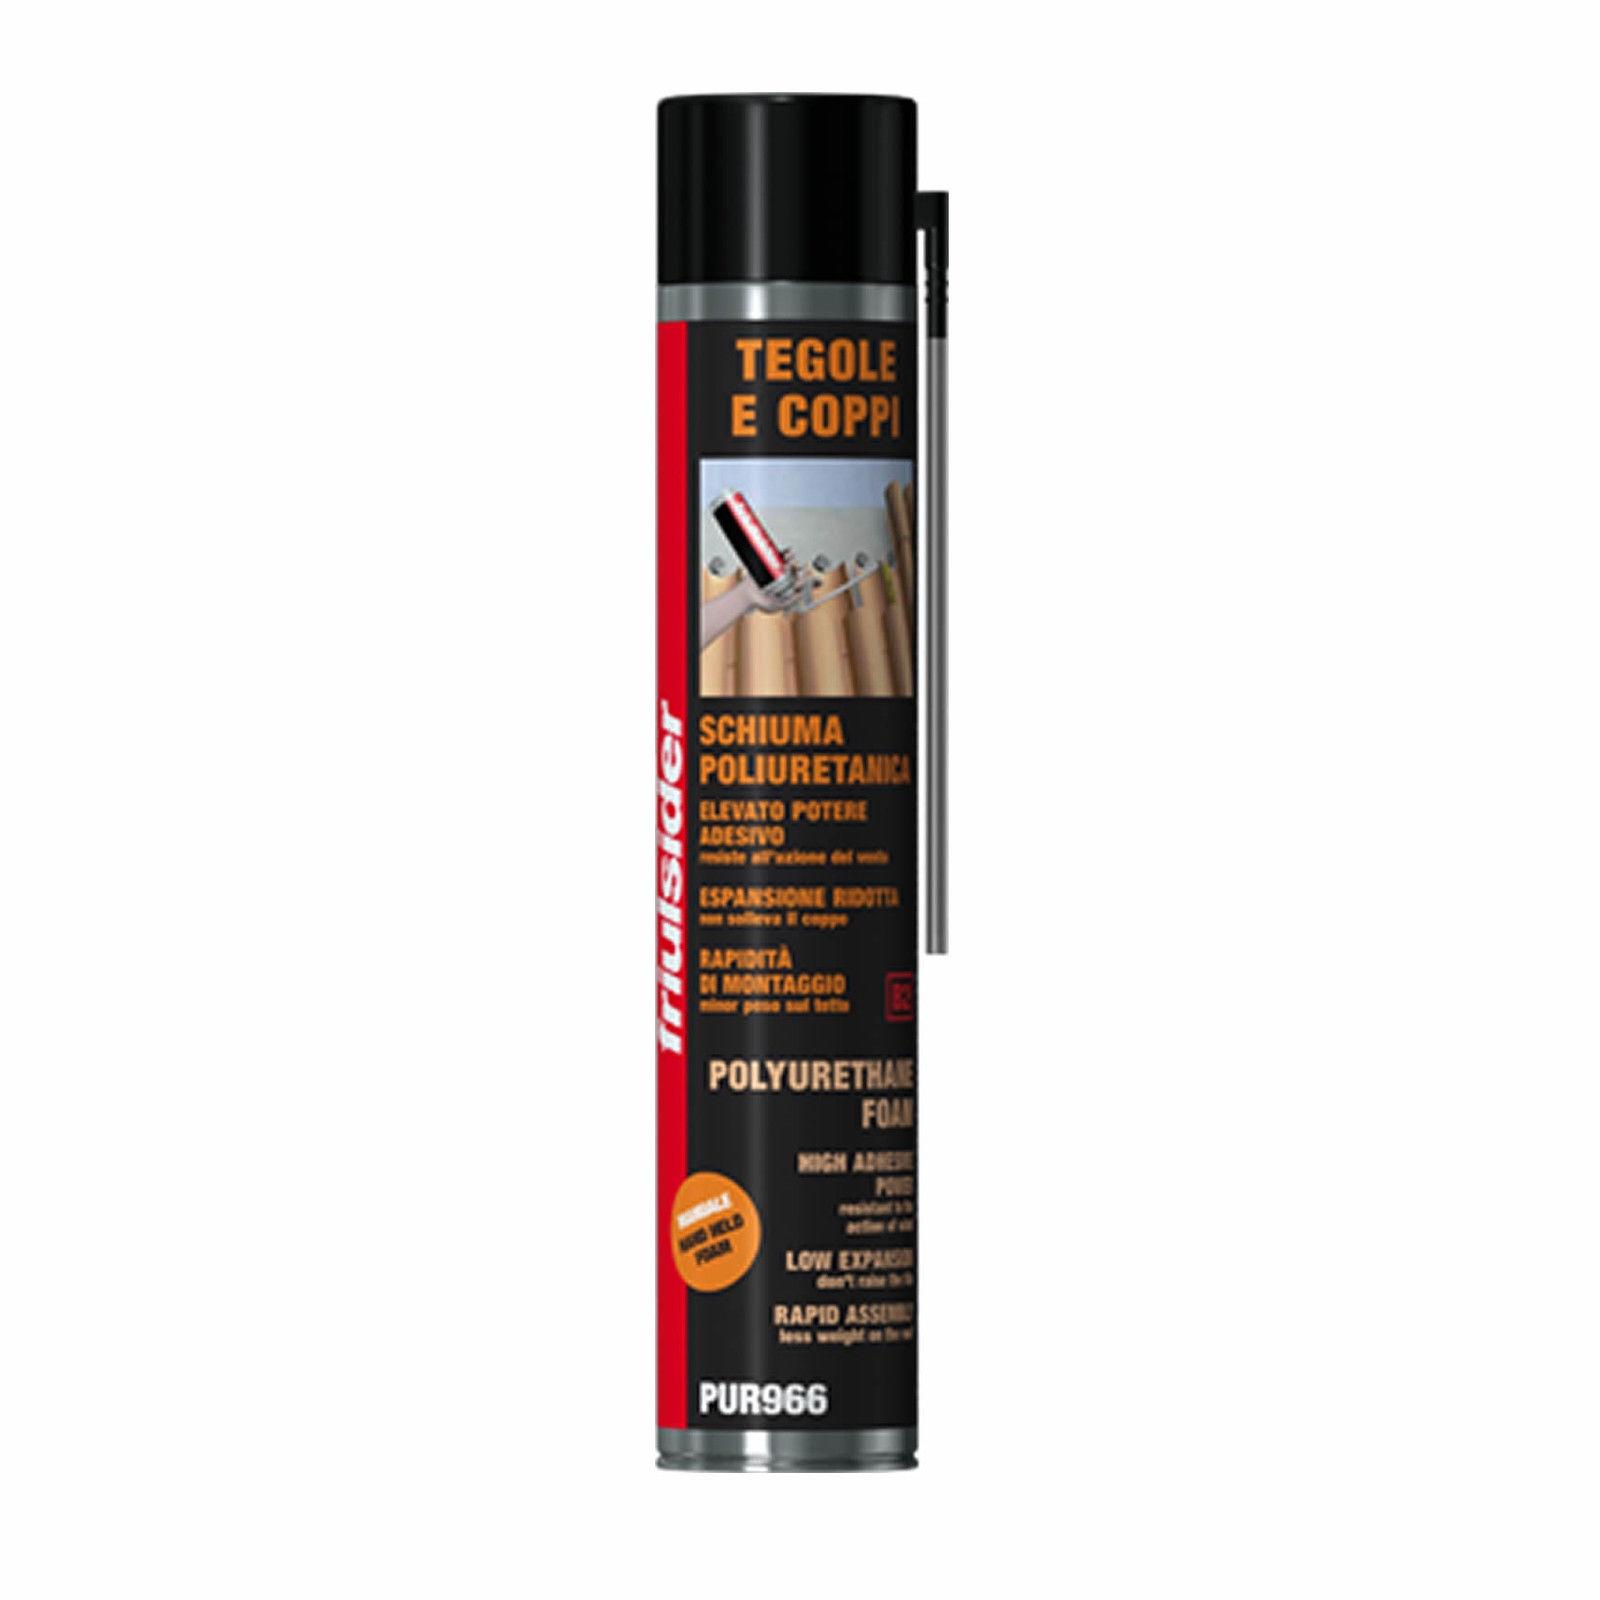 Friulsider schiuma poliuretanica professionale pur966 per tegole e coppi erogazione manuale 750ml